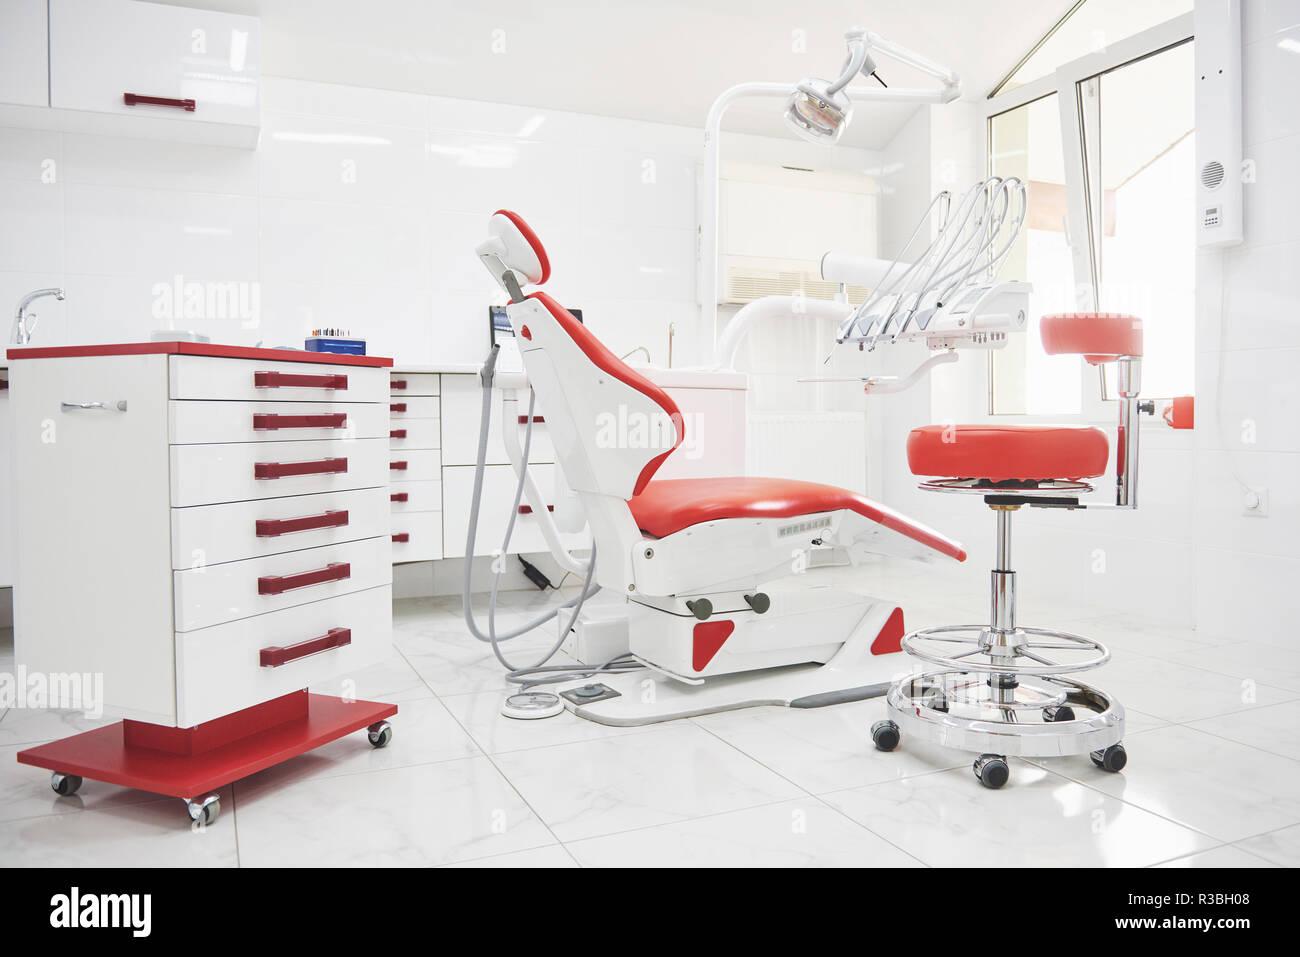 zahnklinik interieur design mit stuhl und tools alle mobel sind in der gleichen farbe